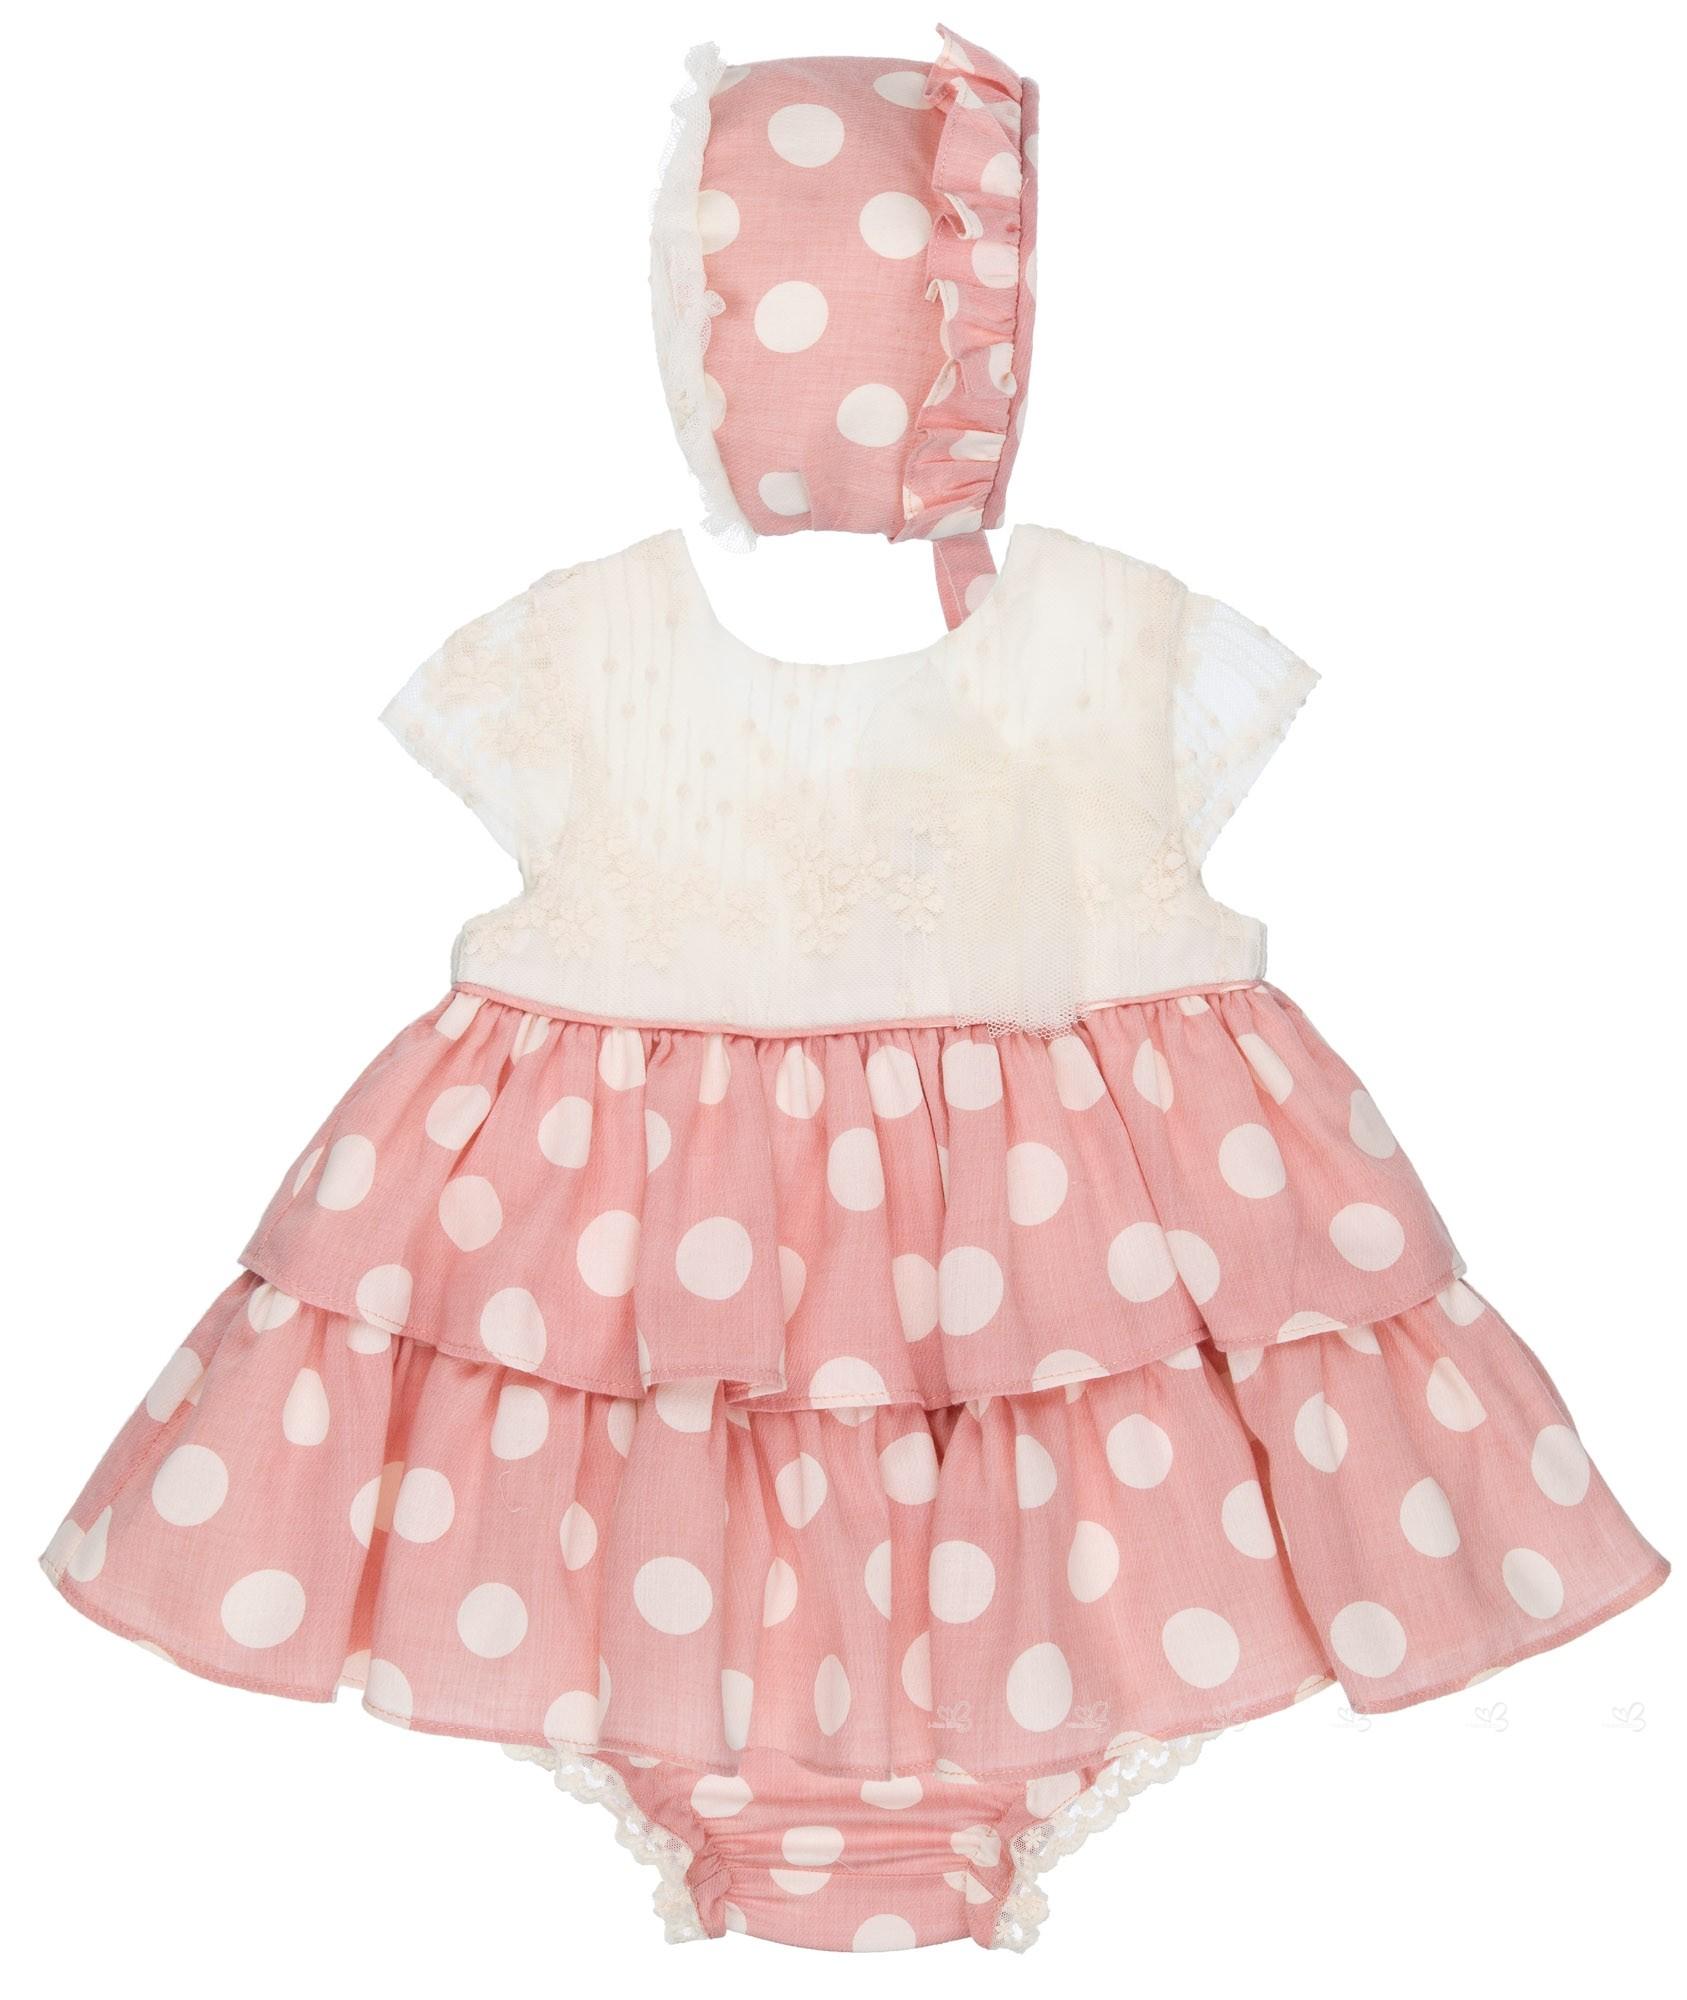 8f371bbef50 Conjunto Bebé 3 Piezas Vestido Cuerpo Encaje Crudo   Falda Volantes Lunares  Rosa Empolvado ...